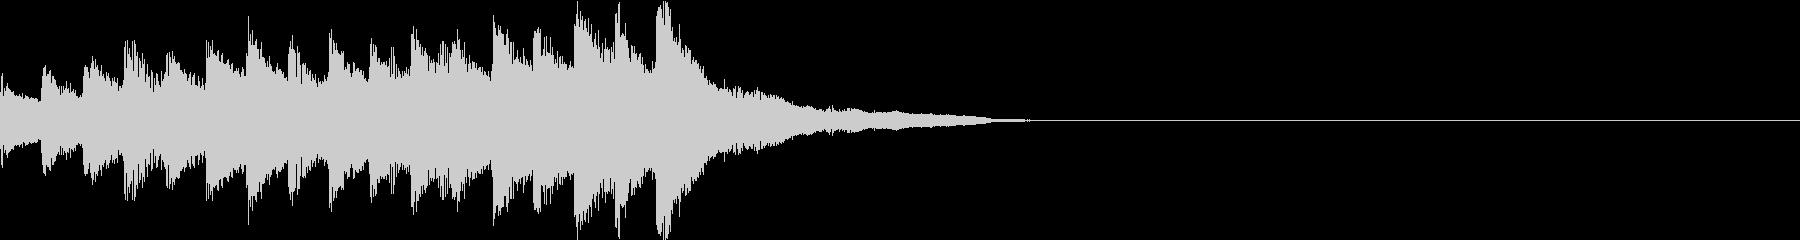 シンプルで幻想的なピアノの旋律ジングルの未再生の波形